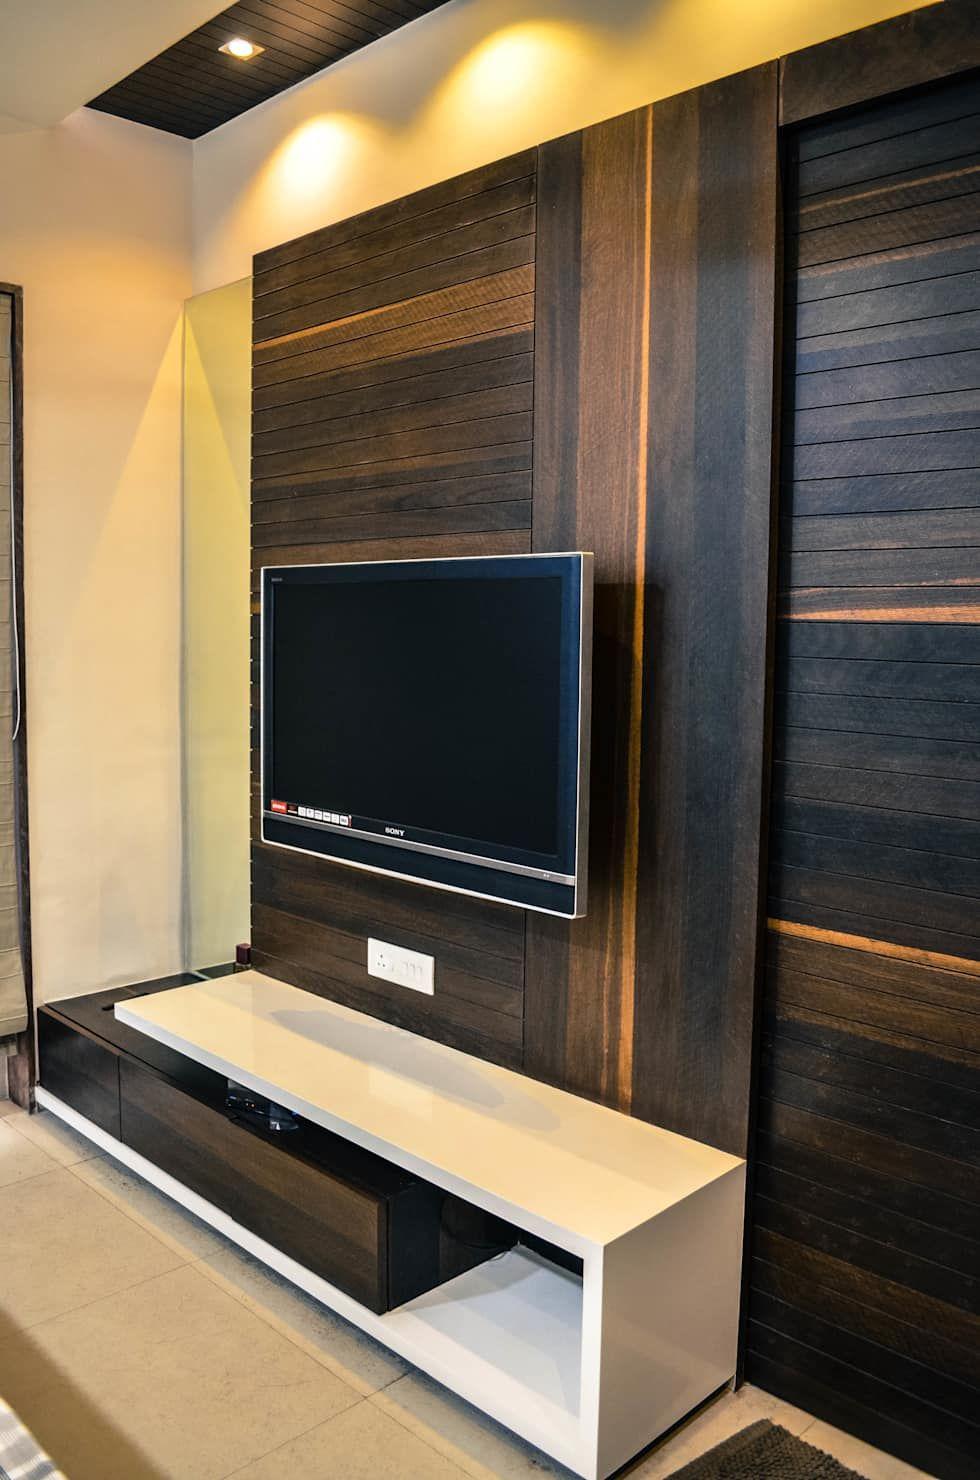 T V Unit Side Veiw Modern Living Room By Ssdecor Modern: Modern Bathroom By Homify Modern In 2020